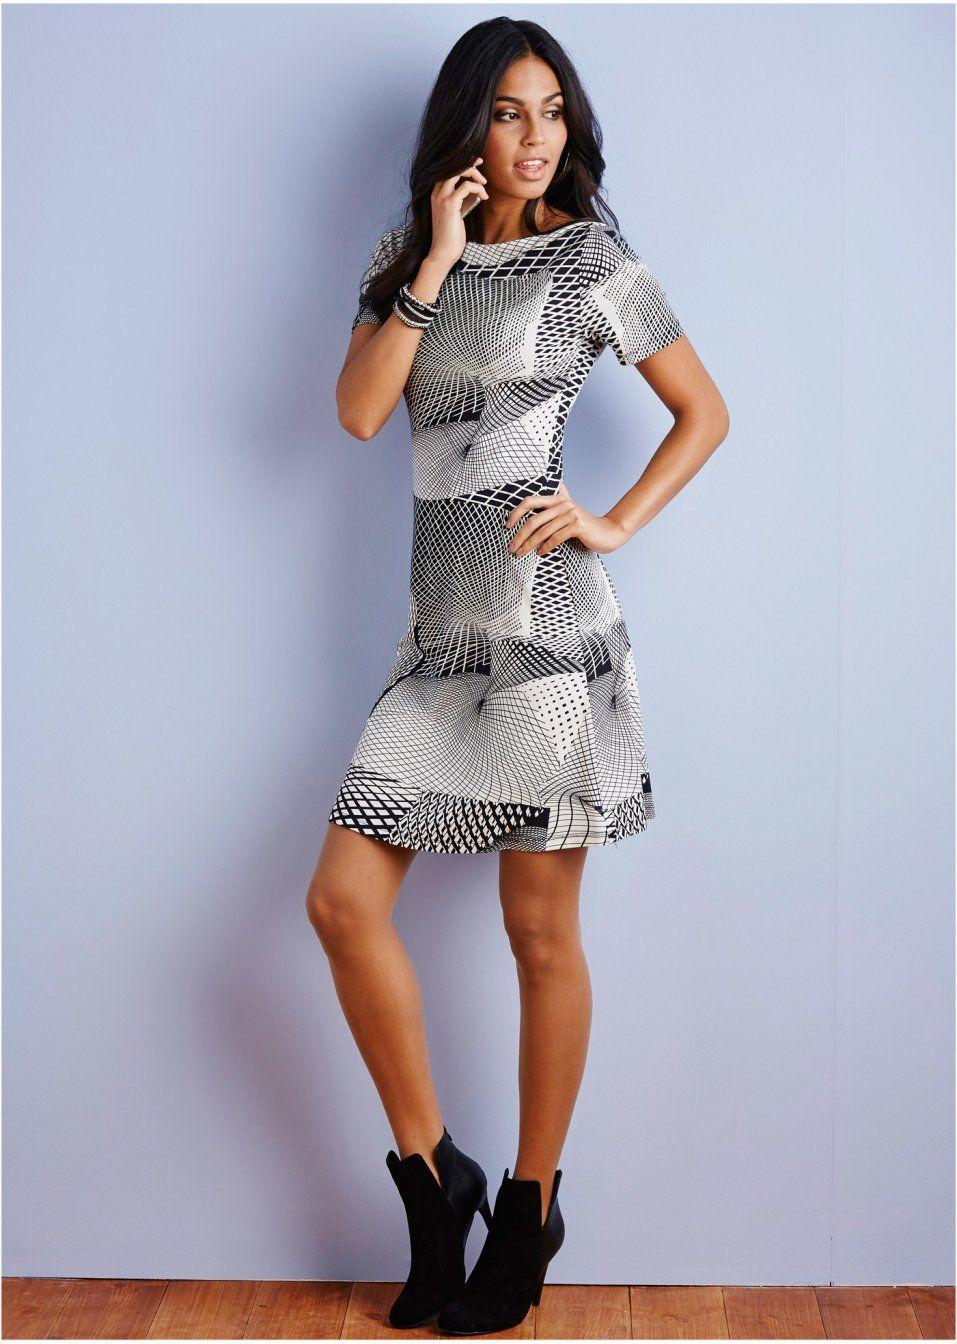 Šaty Módní šaty s lodičkovým výstřihem • 699.0 Kč • bonprix  a07e8f8d93